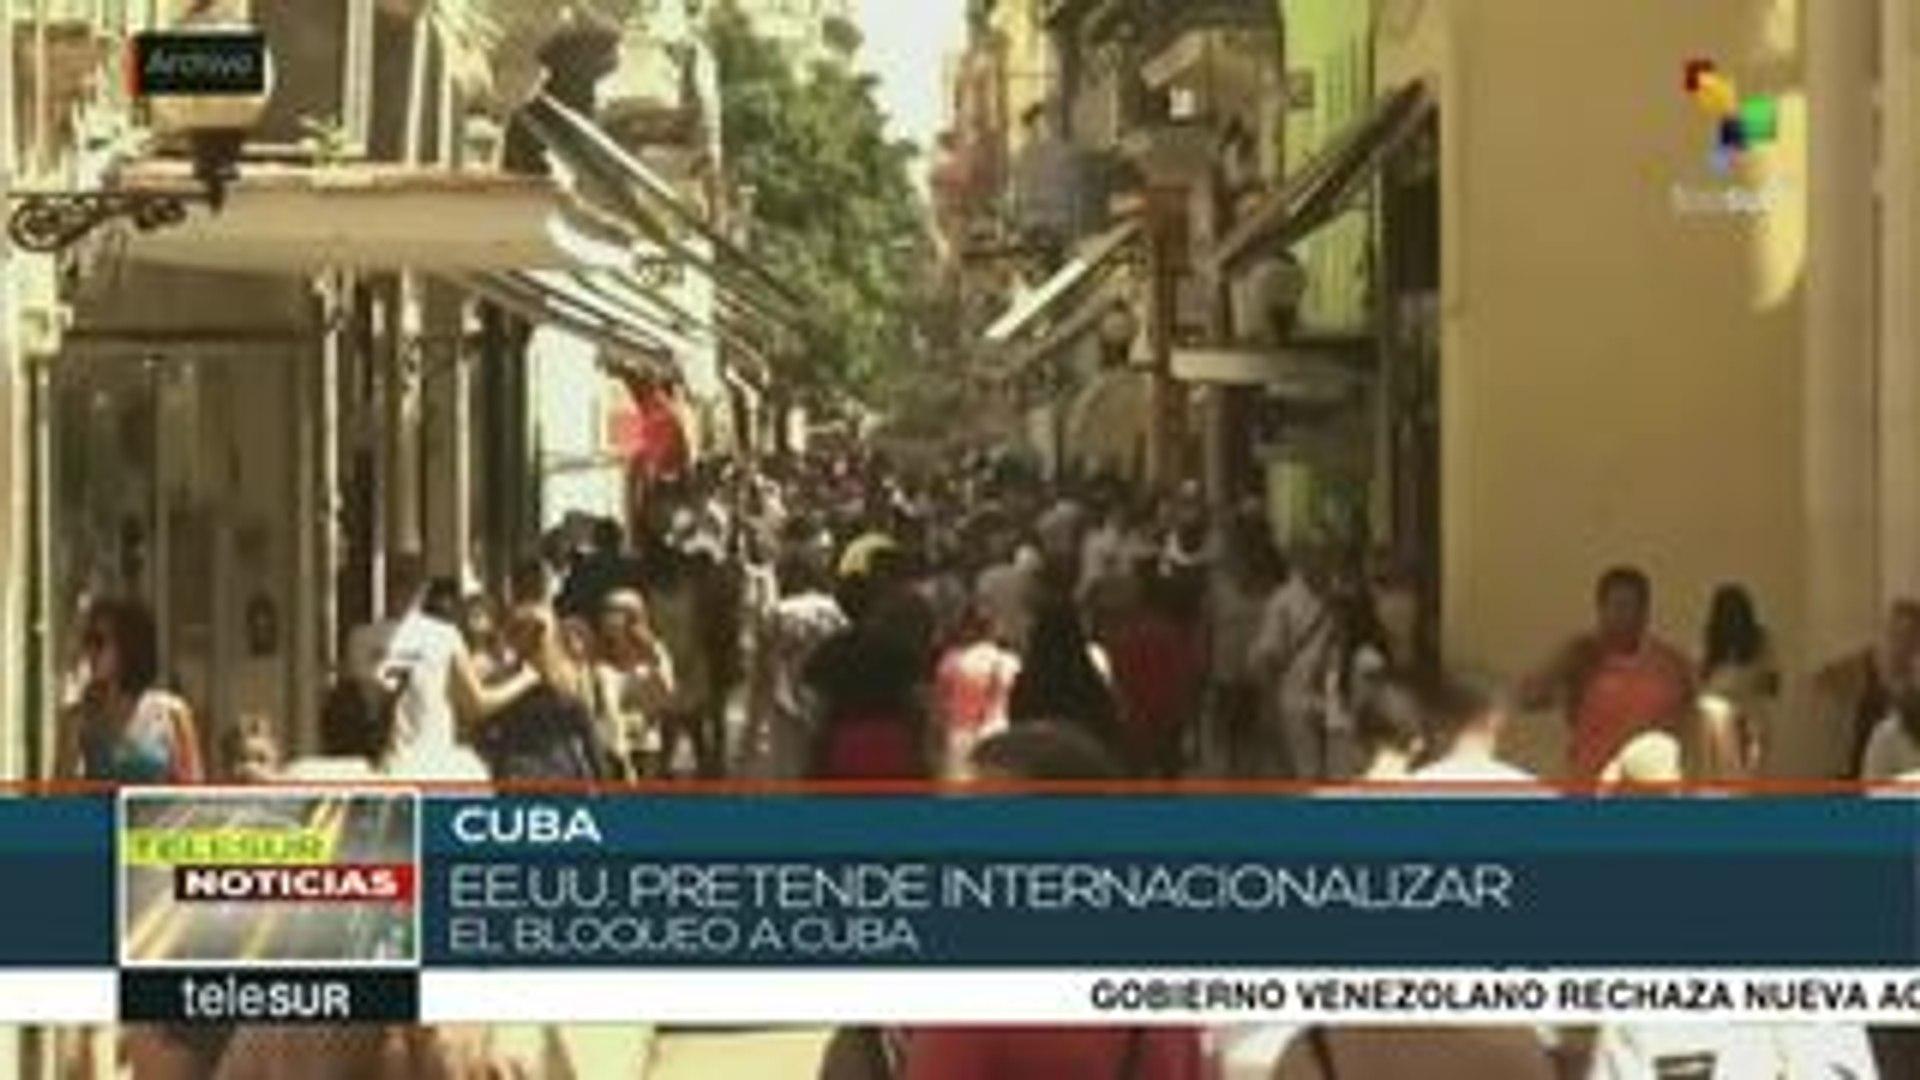 Ley Helms-Burton, parte de la estrategia contra la Revolución cubana